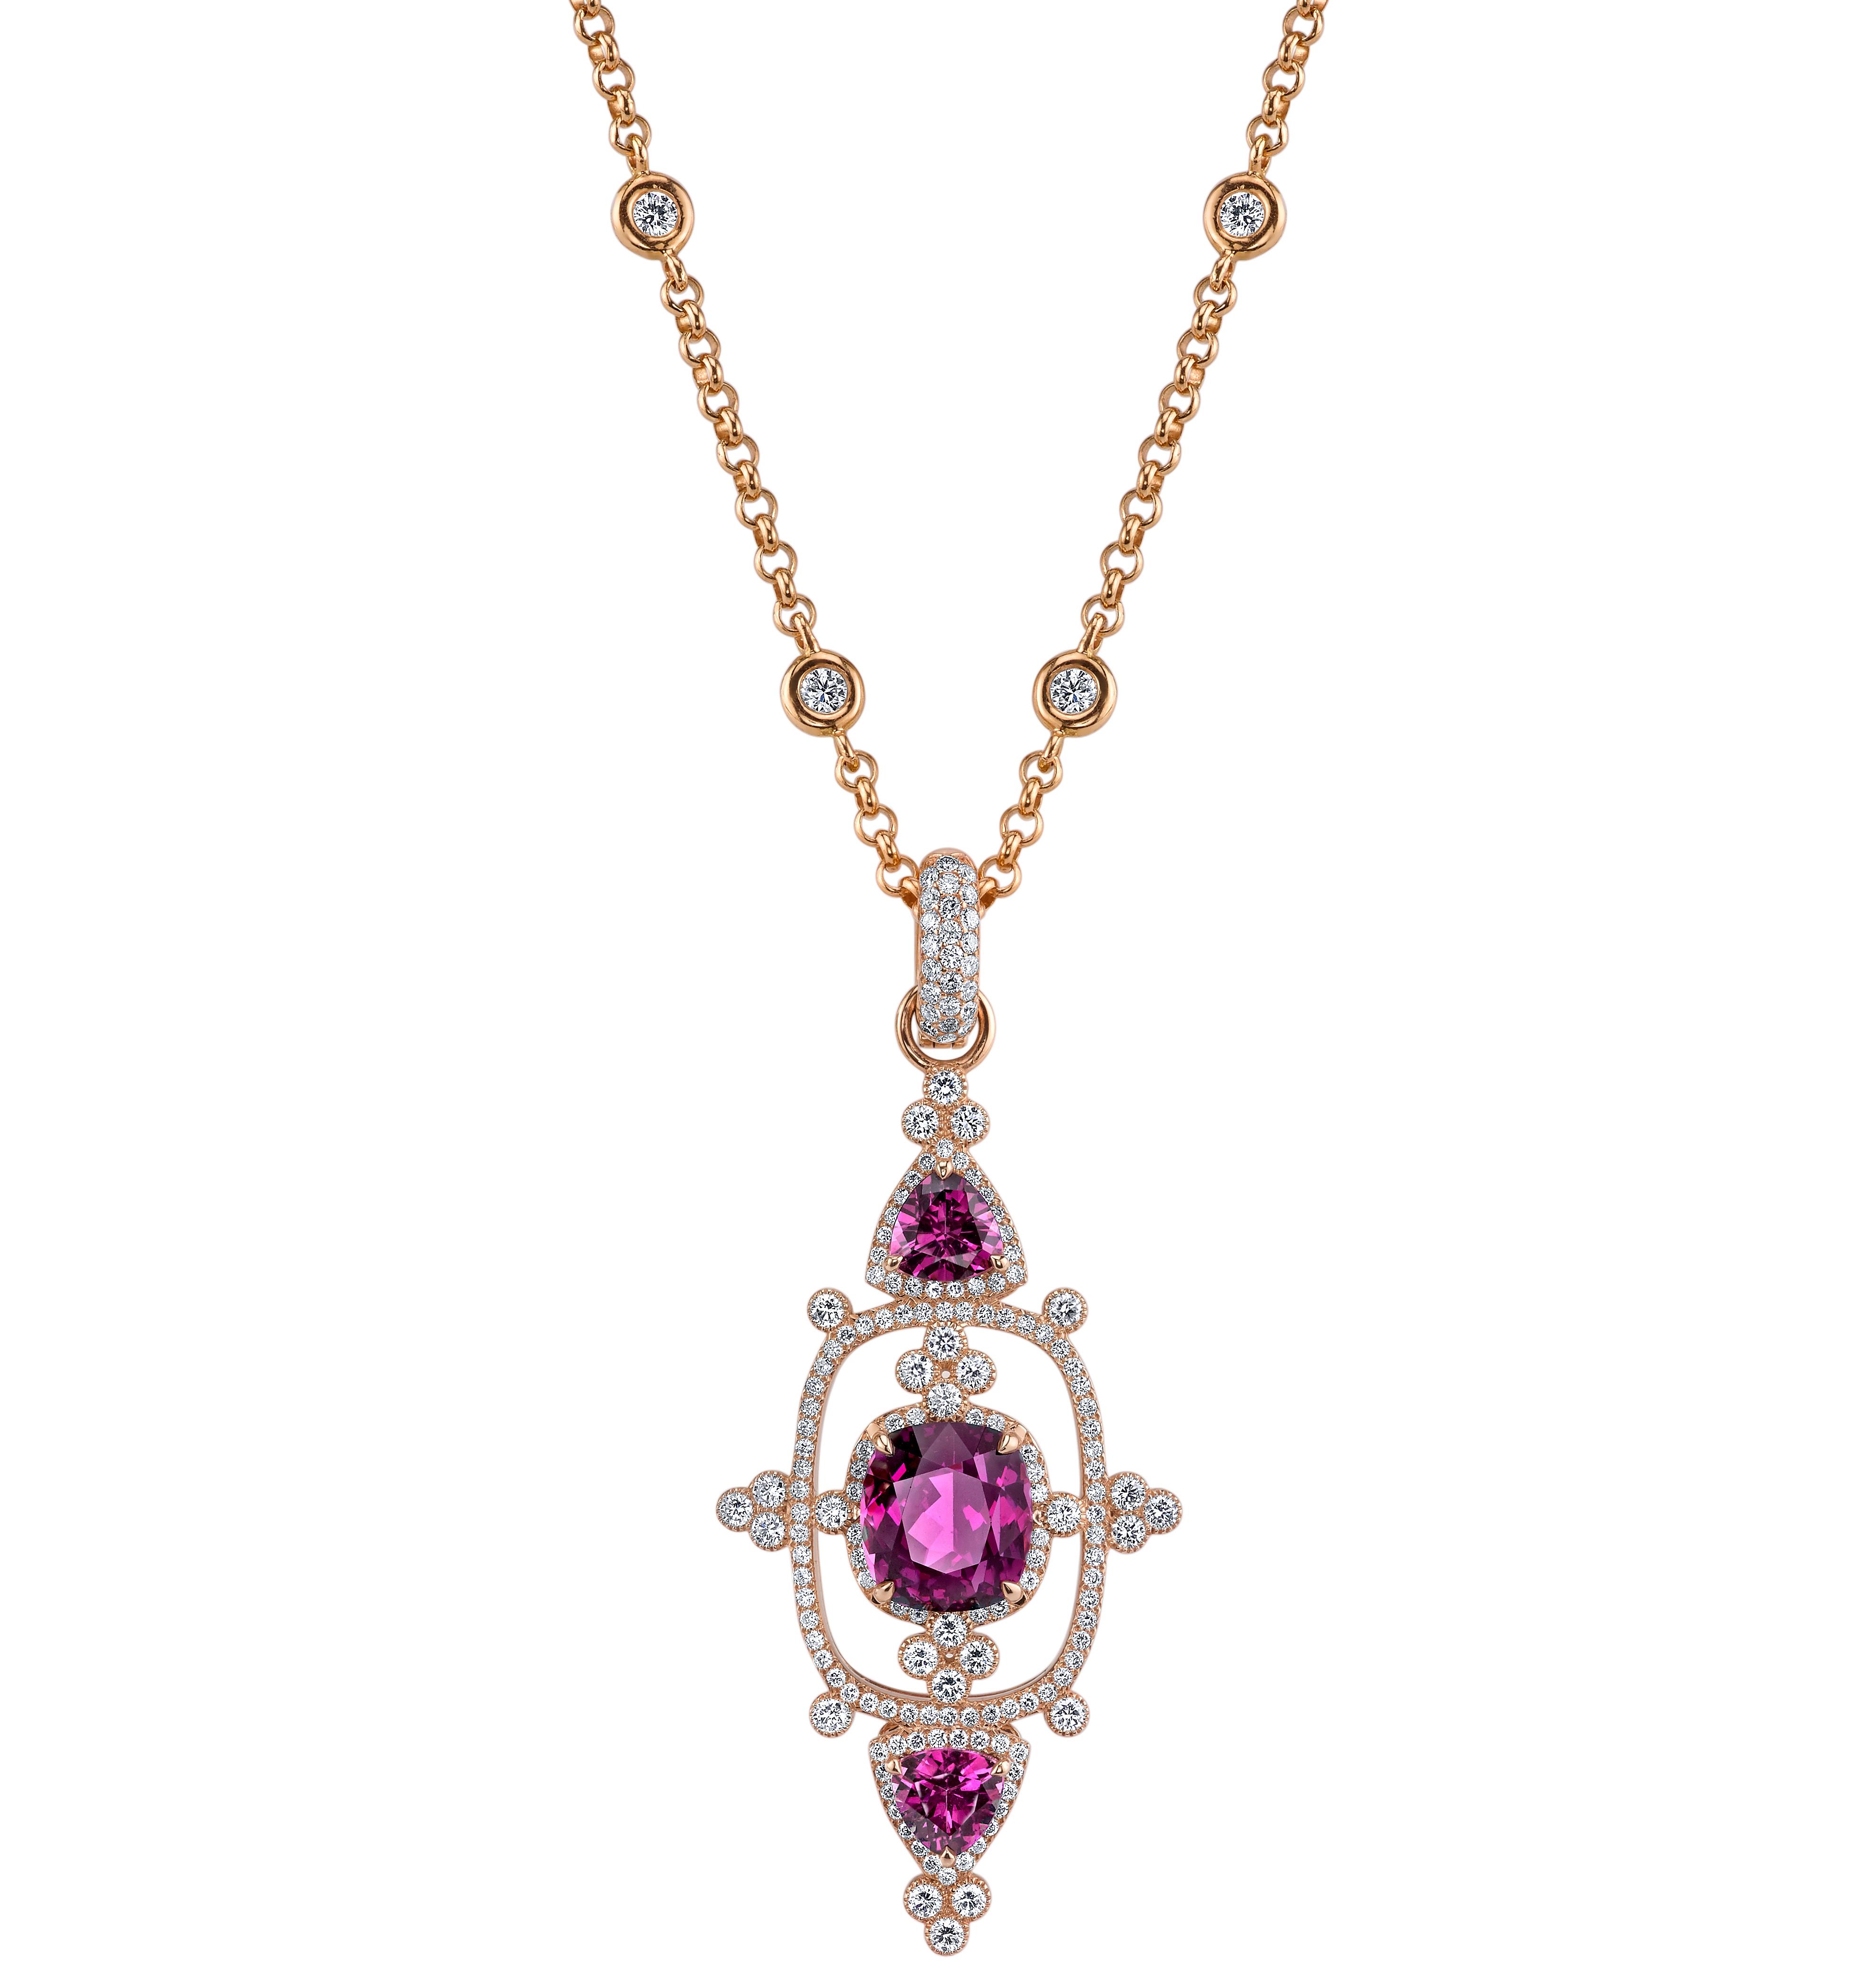 Erica Courtney Interstellar pendant in Purple Garnet | JCK On Your Market